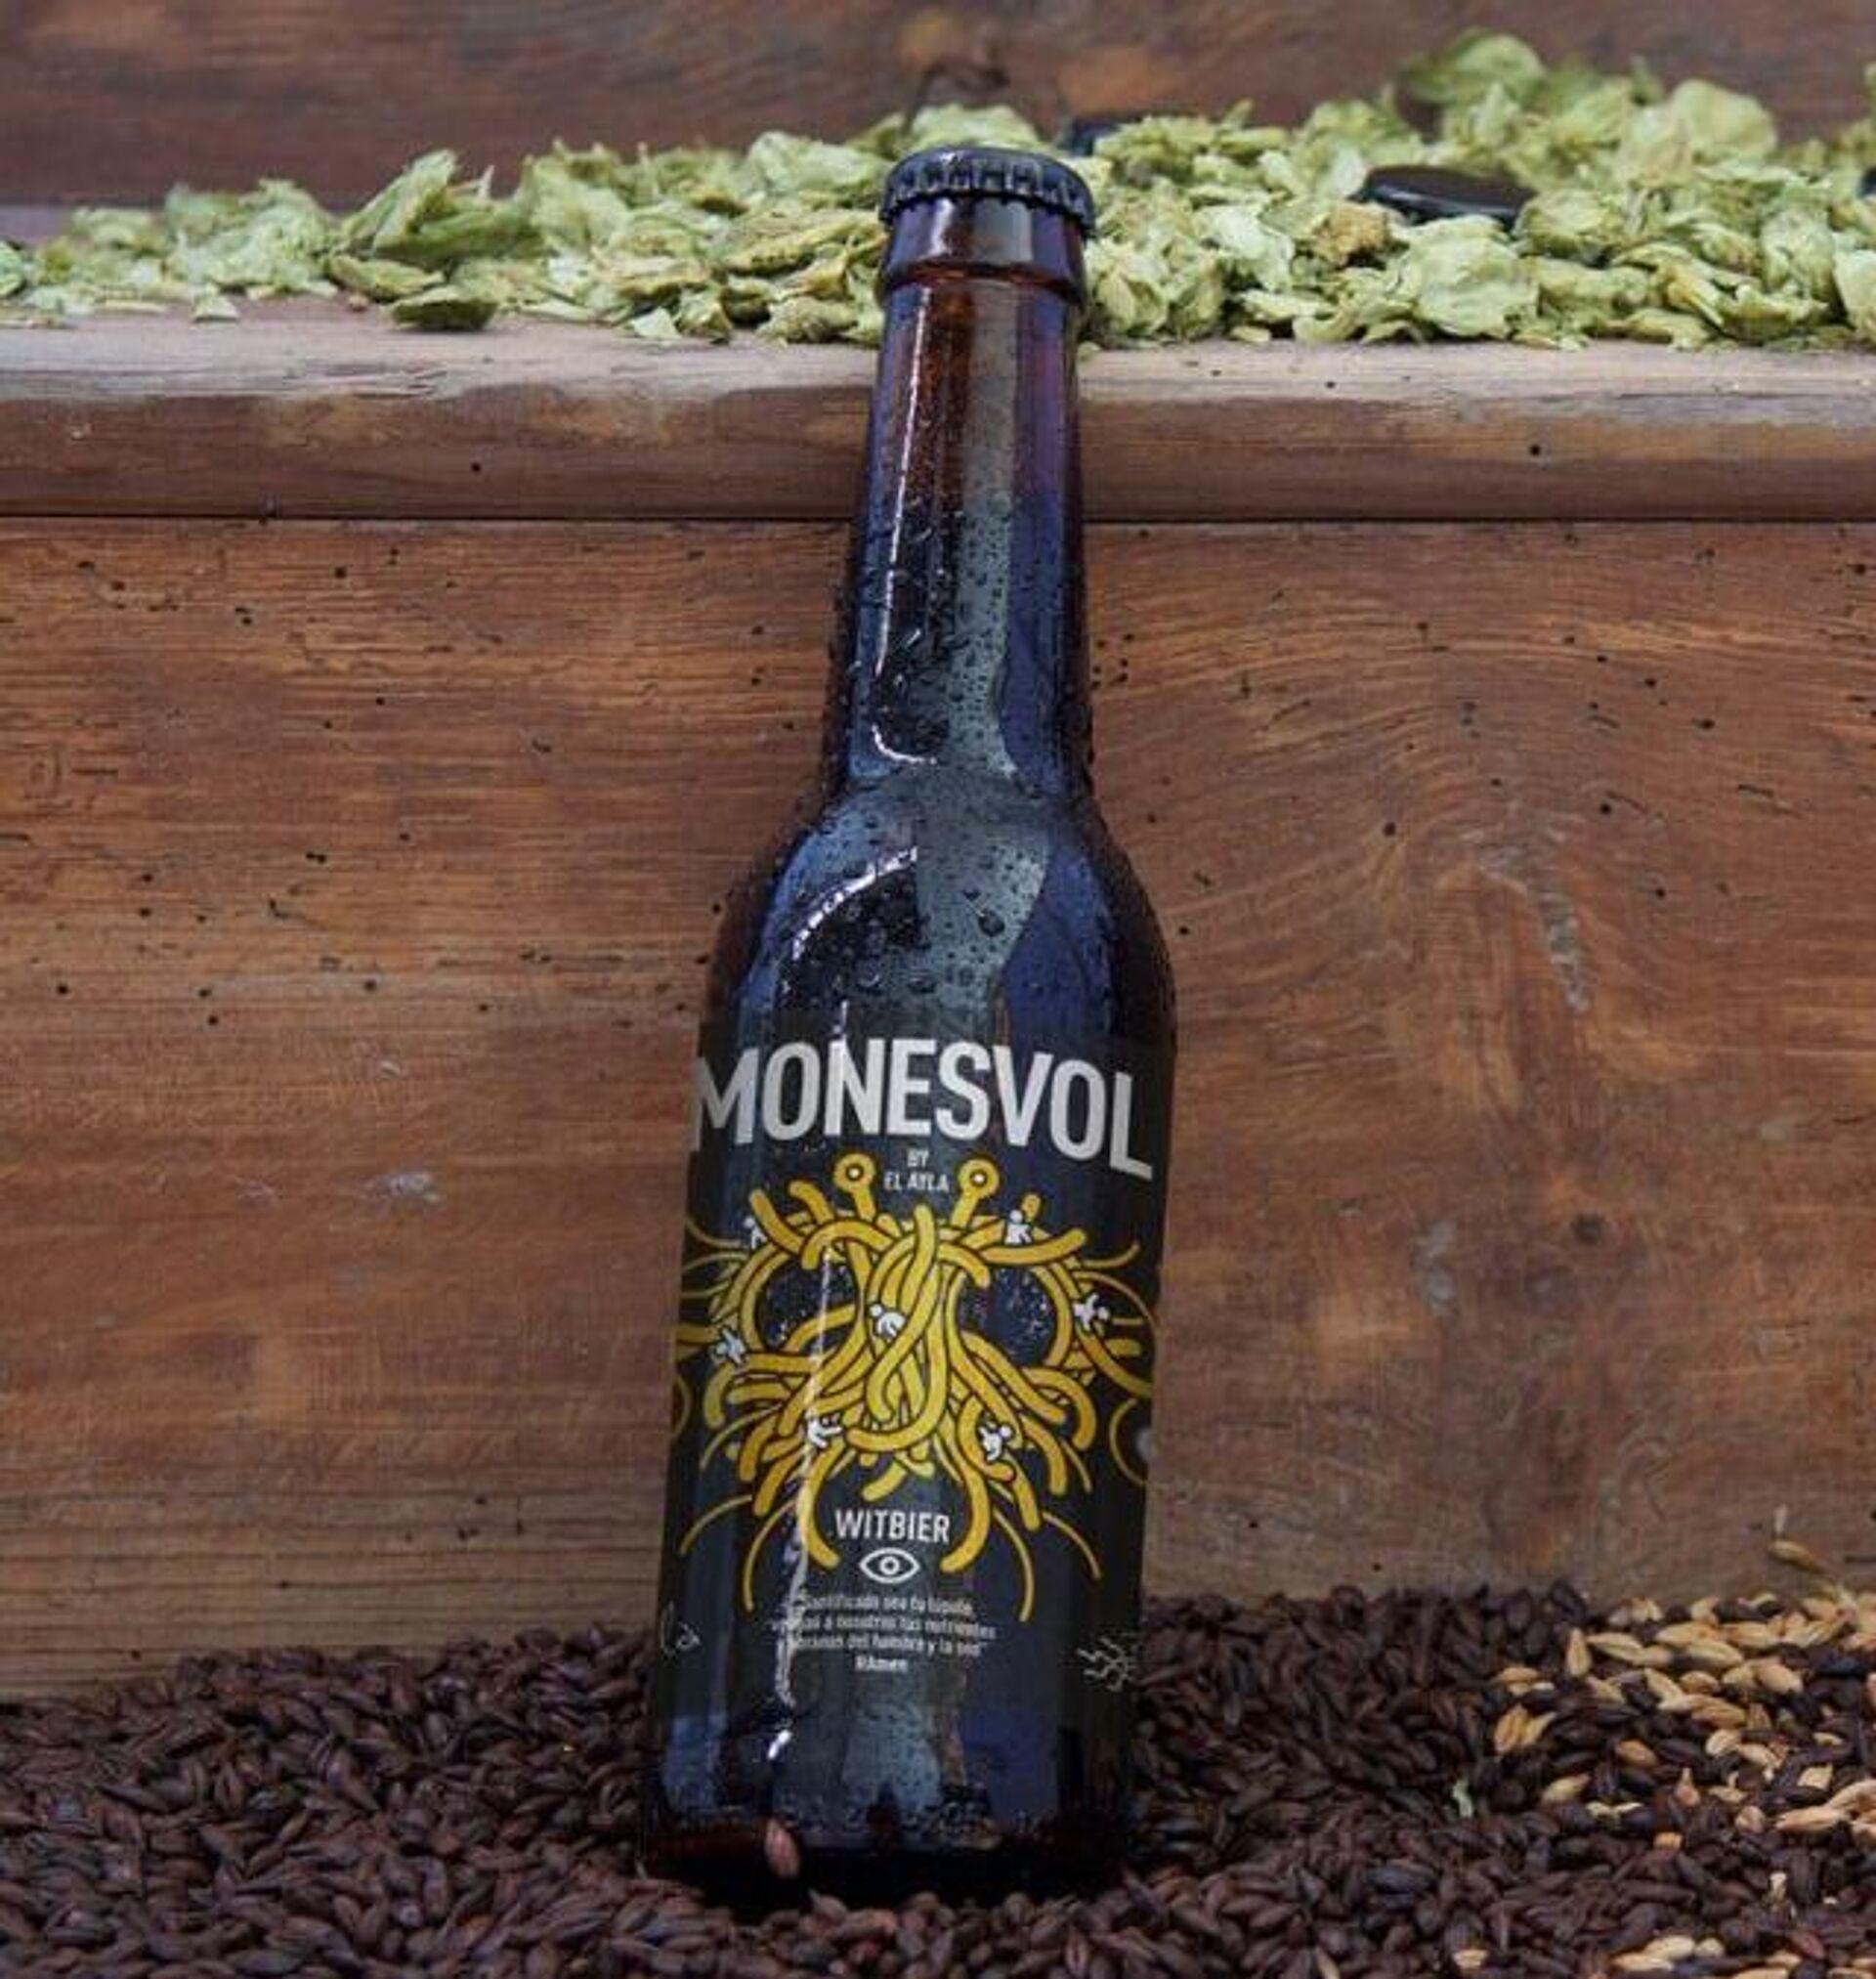 Una botella de cerveza Monesvol, la oficial del pastafarismo en España - Sputnik Mundo, 1920, 13.05.2021